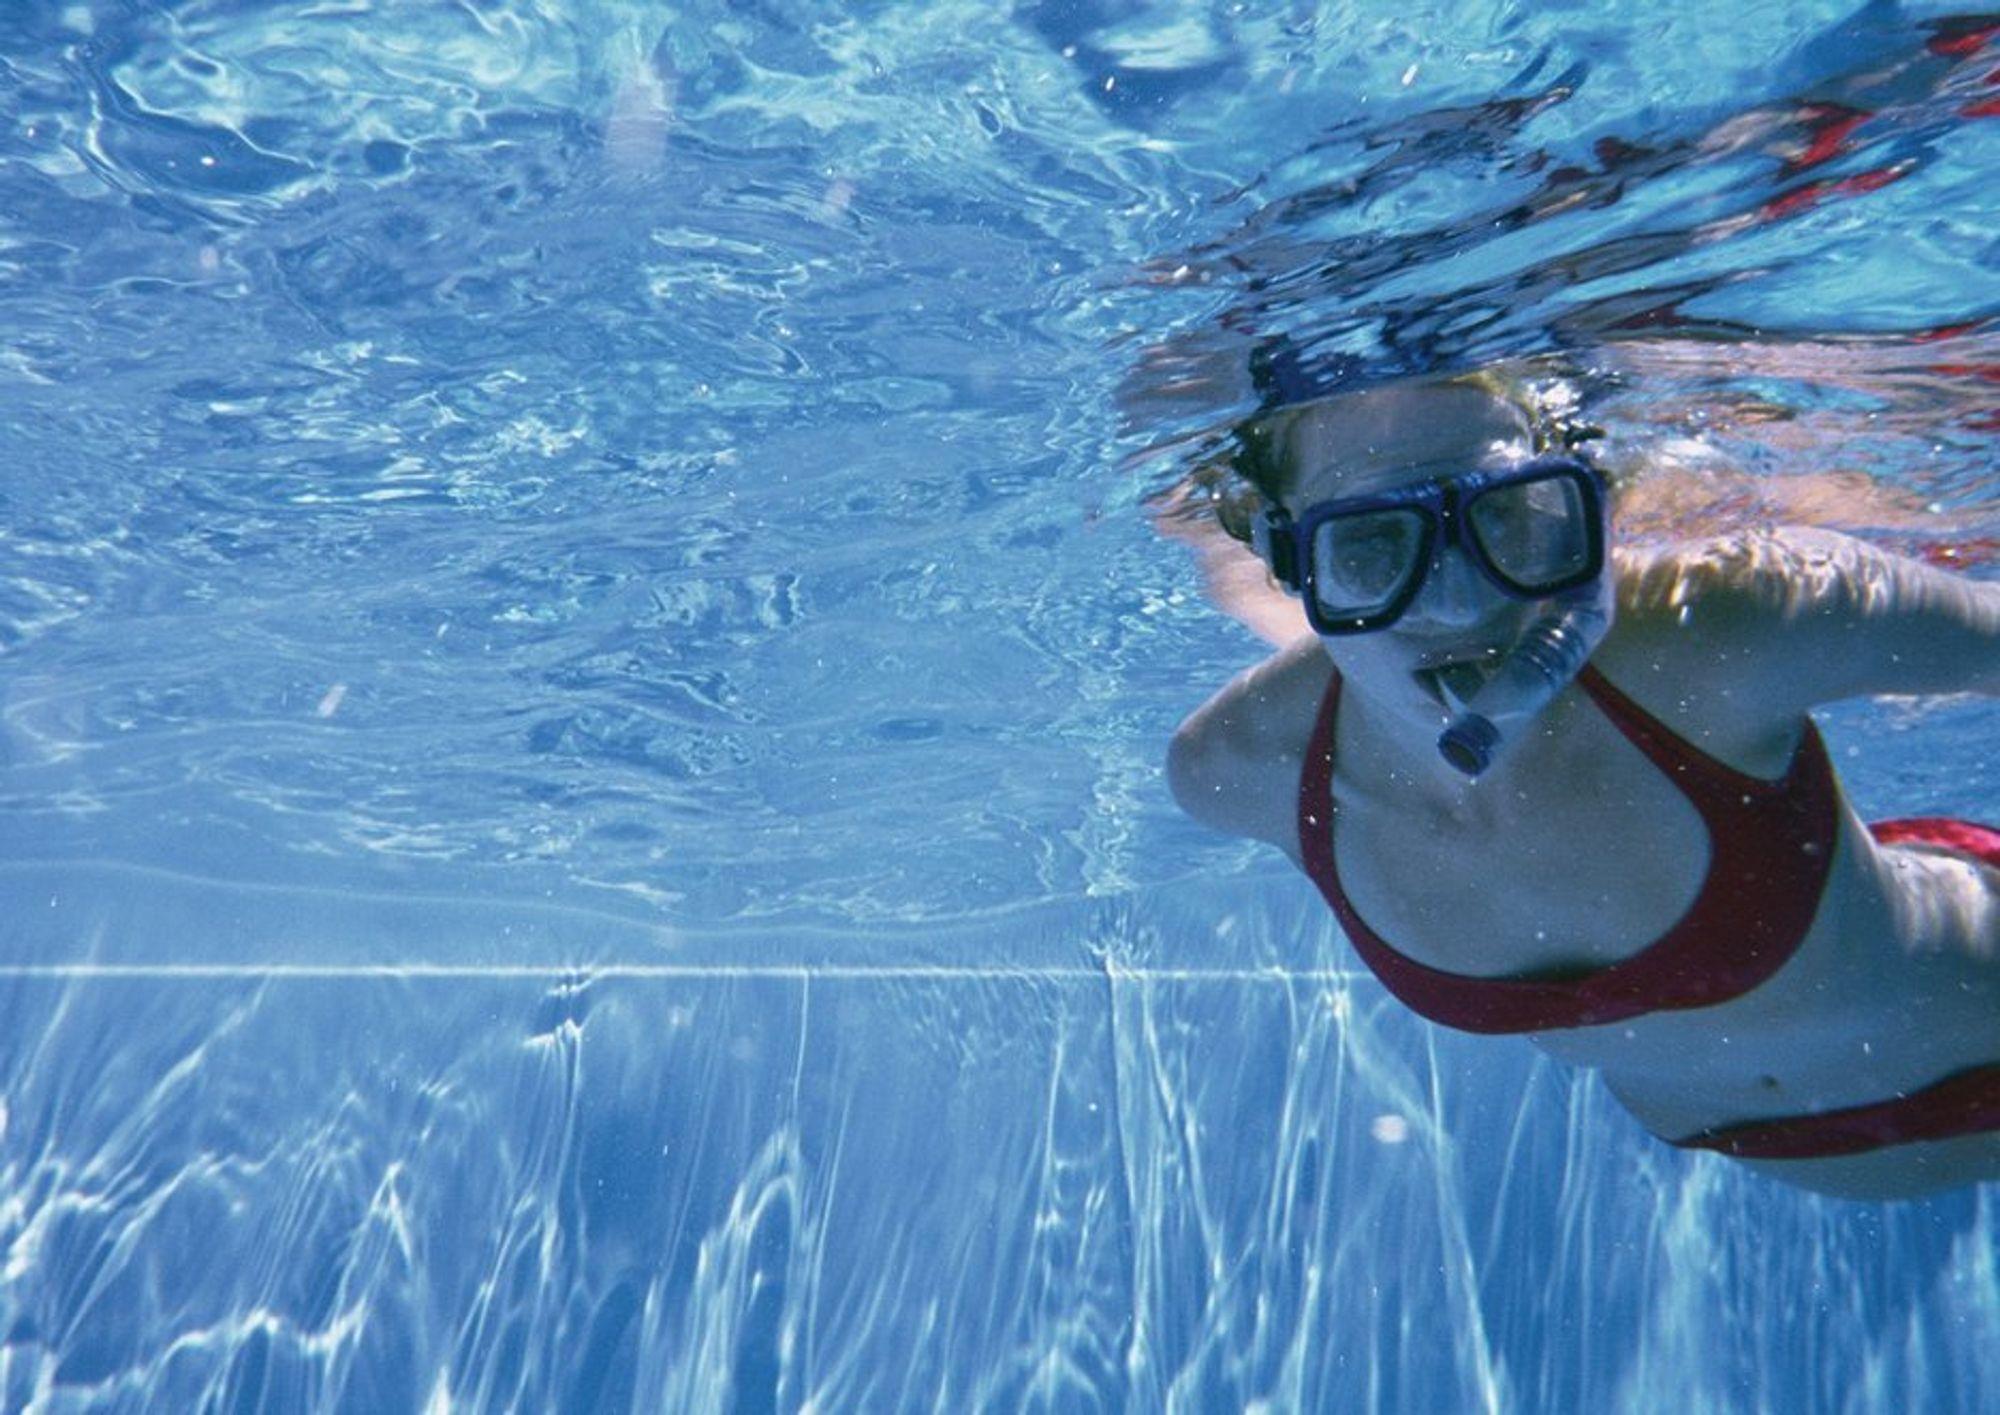 SPARER PENGER: Overskuddsvarme fra det lokale krematoriet kan varme opp et svømmebasseng i Redditch. Da sparer de lokale myndighetene 130.000 kroner i strømutgifter. Forslaget møtes med noe skepsis.